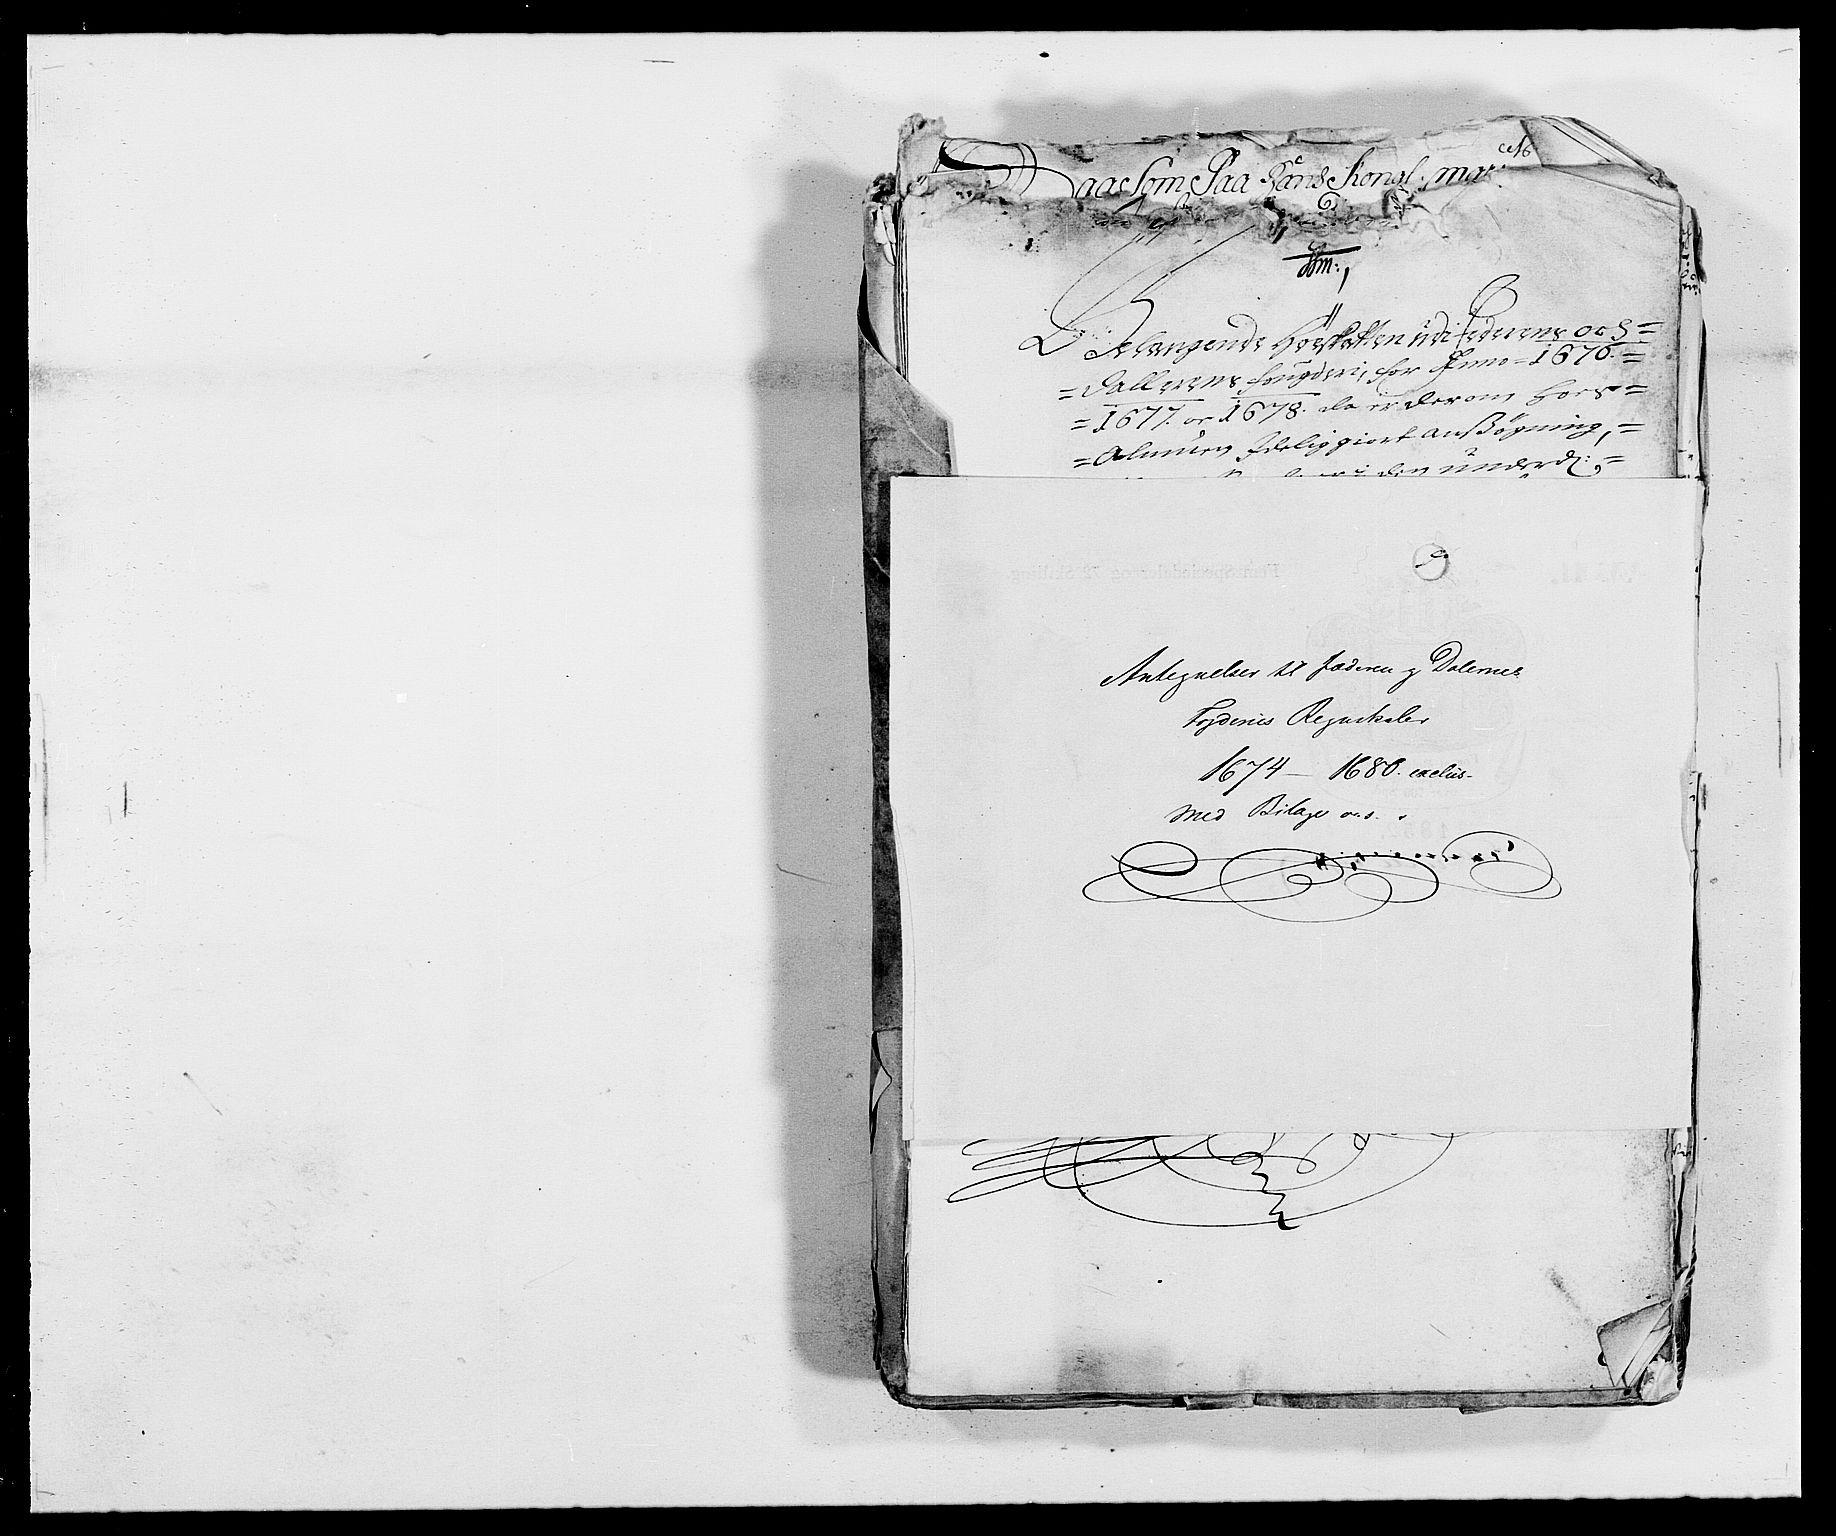 RA, Rentekammeret inntil 1814, Reviderte regnskaper, Fogderegnskap, R46/L2720: Fogderegnskap Jæren og Dalane, 1679, s. 10